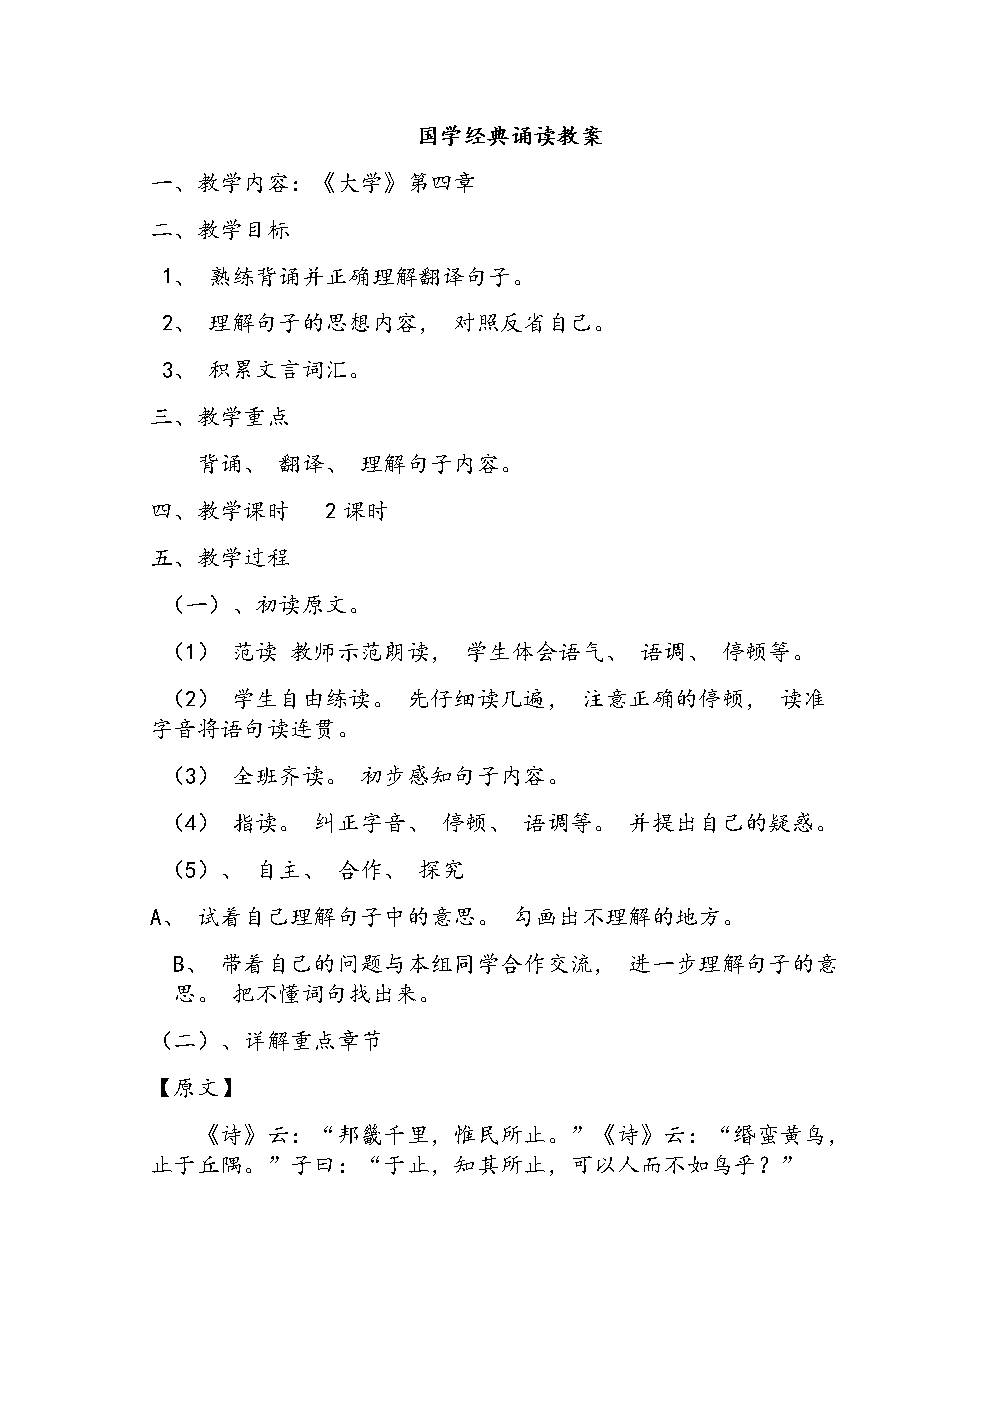 《大學第四章》國學經典誦讀教案.doc